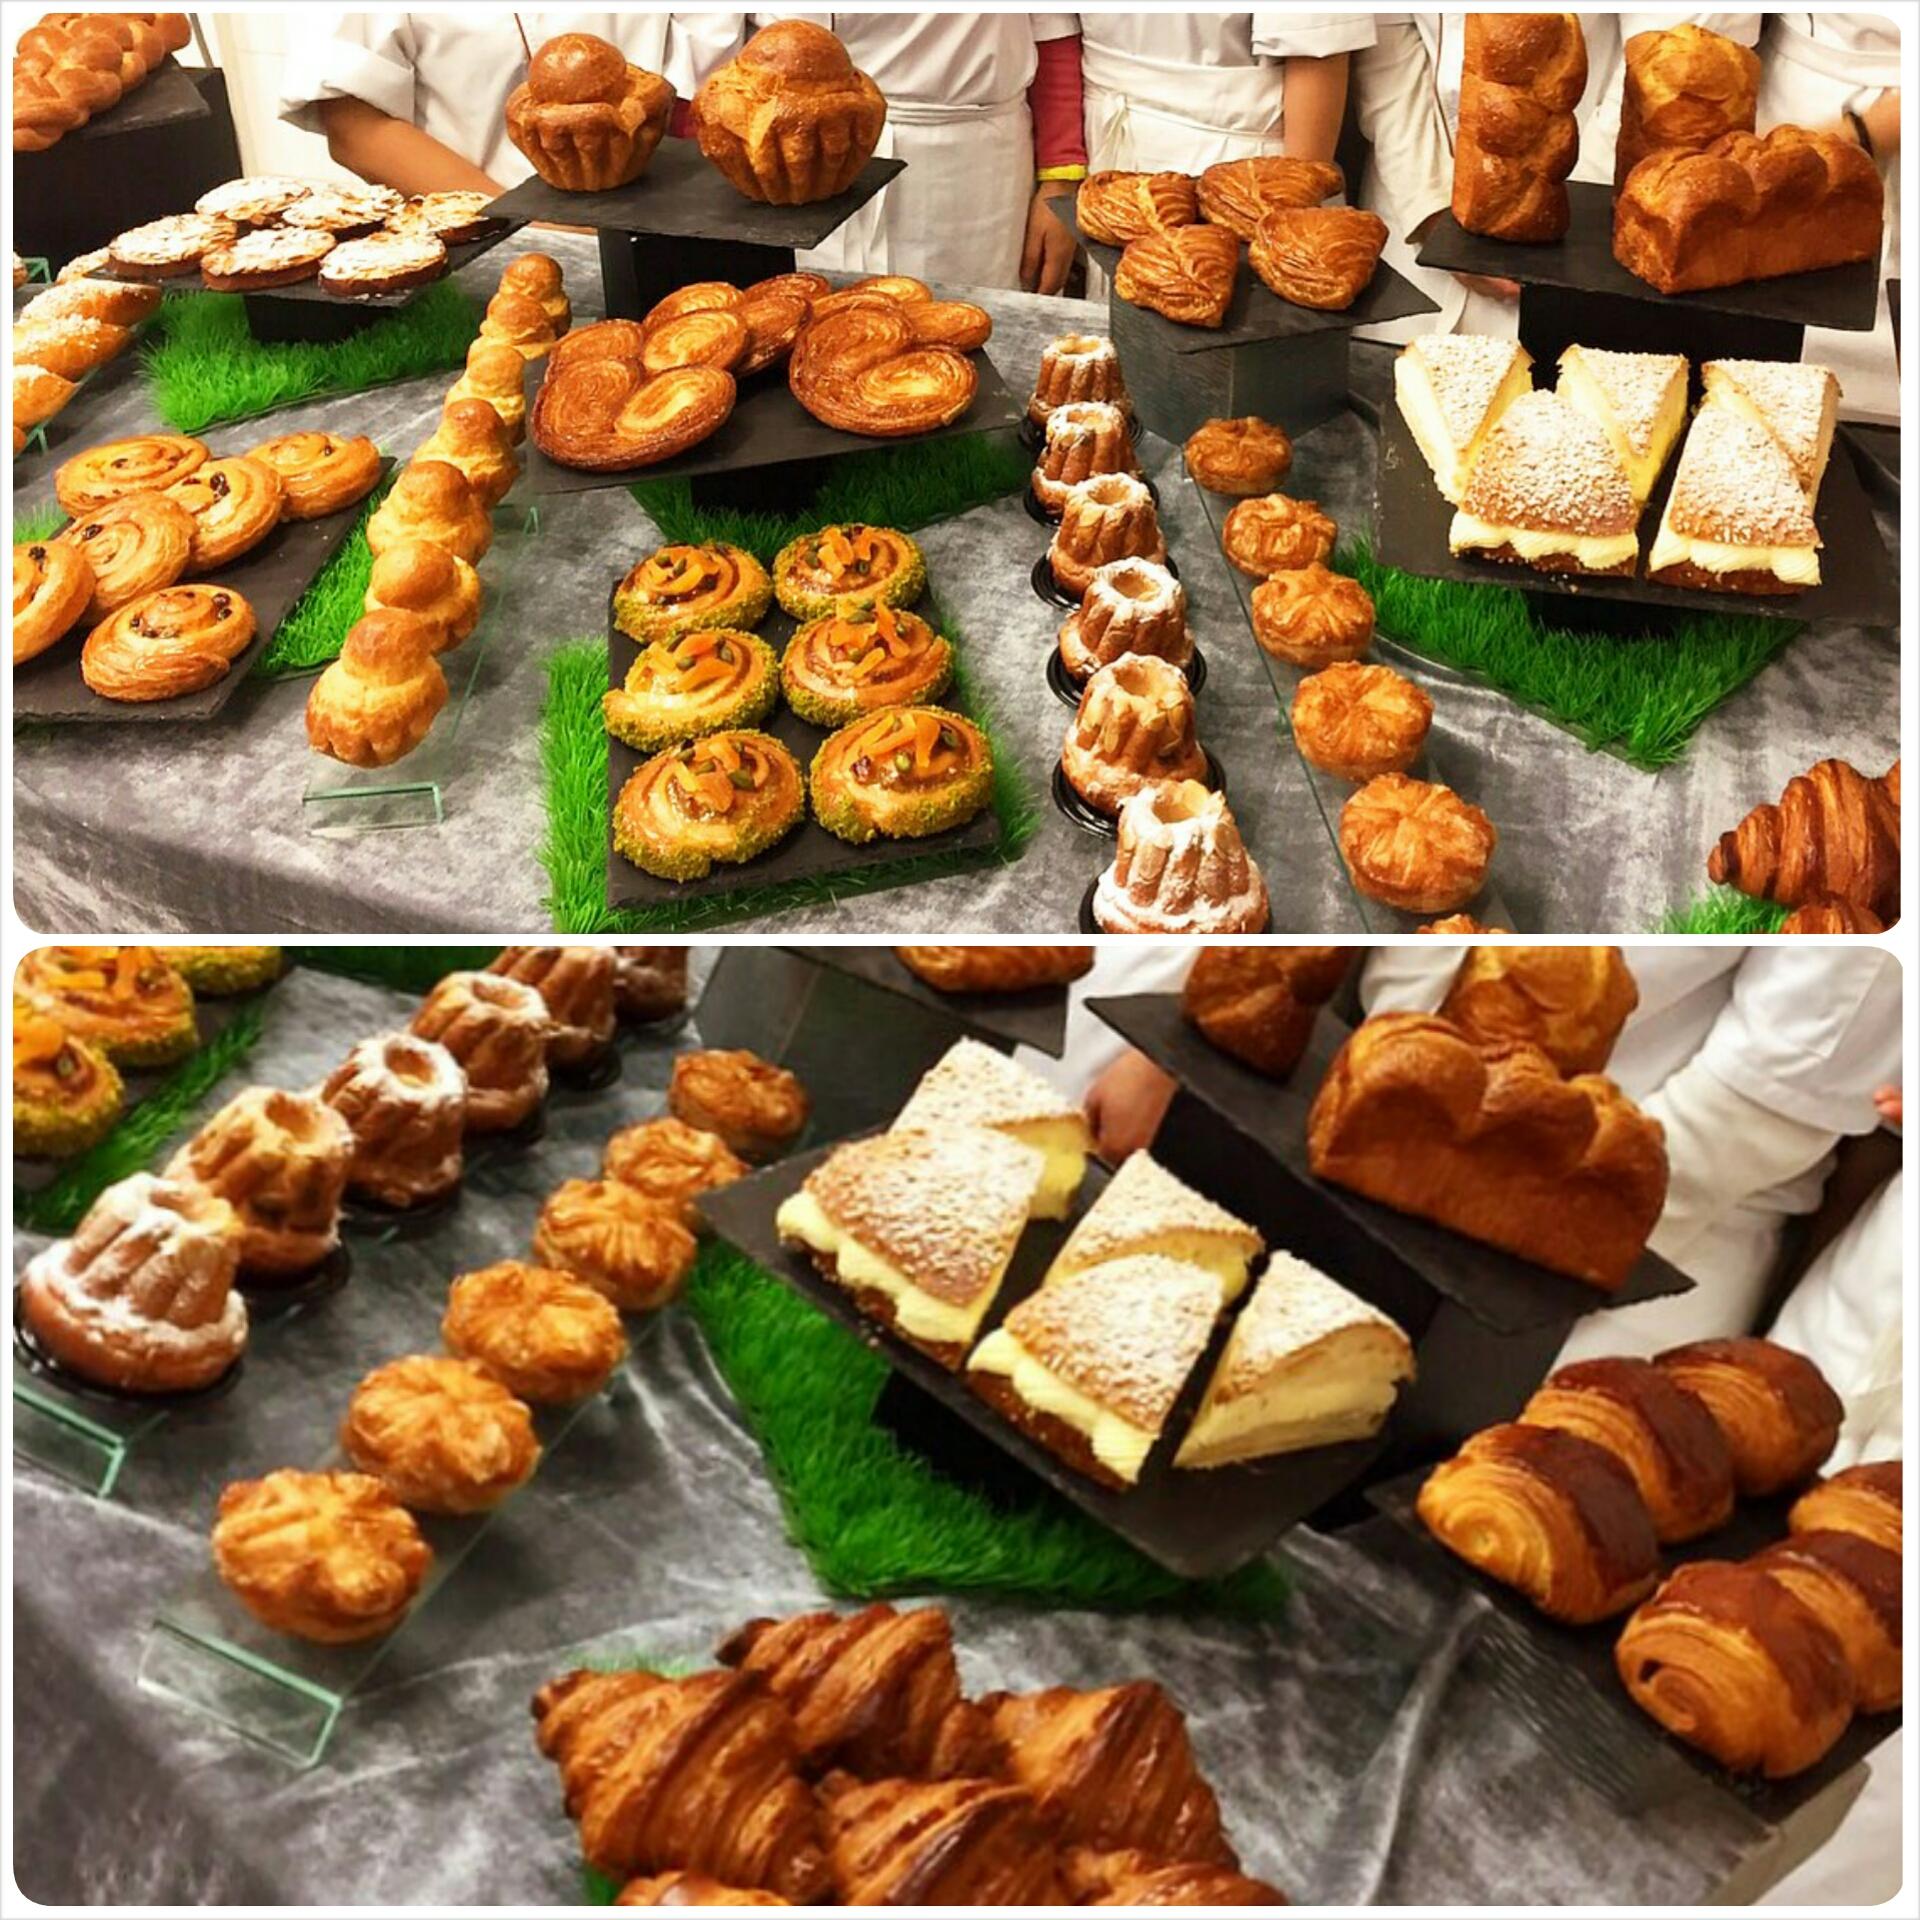 Week 2 at cole gastronomique bellouet conseil viennoiseries et p tes de bases my chef d 39 oeuvre - Chef d oeuvre ...